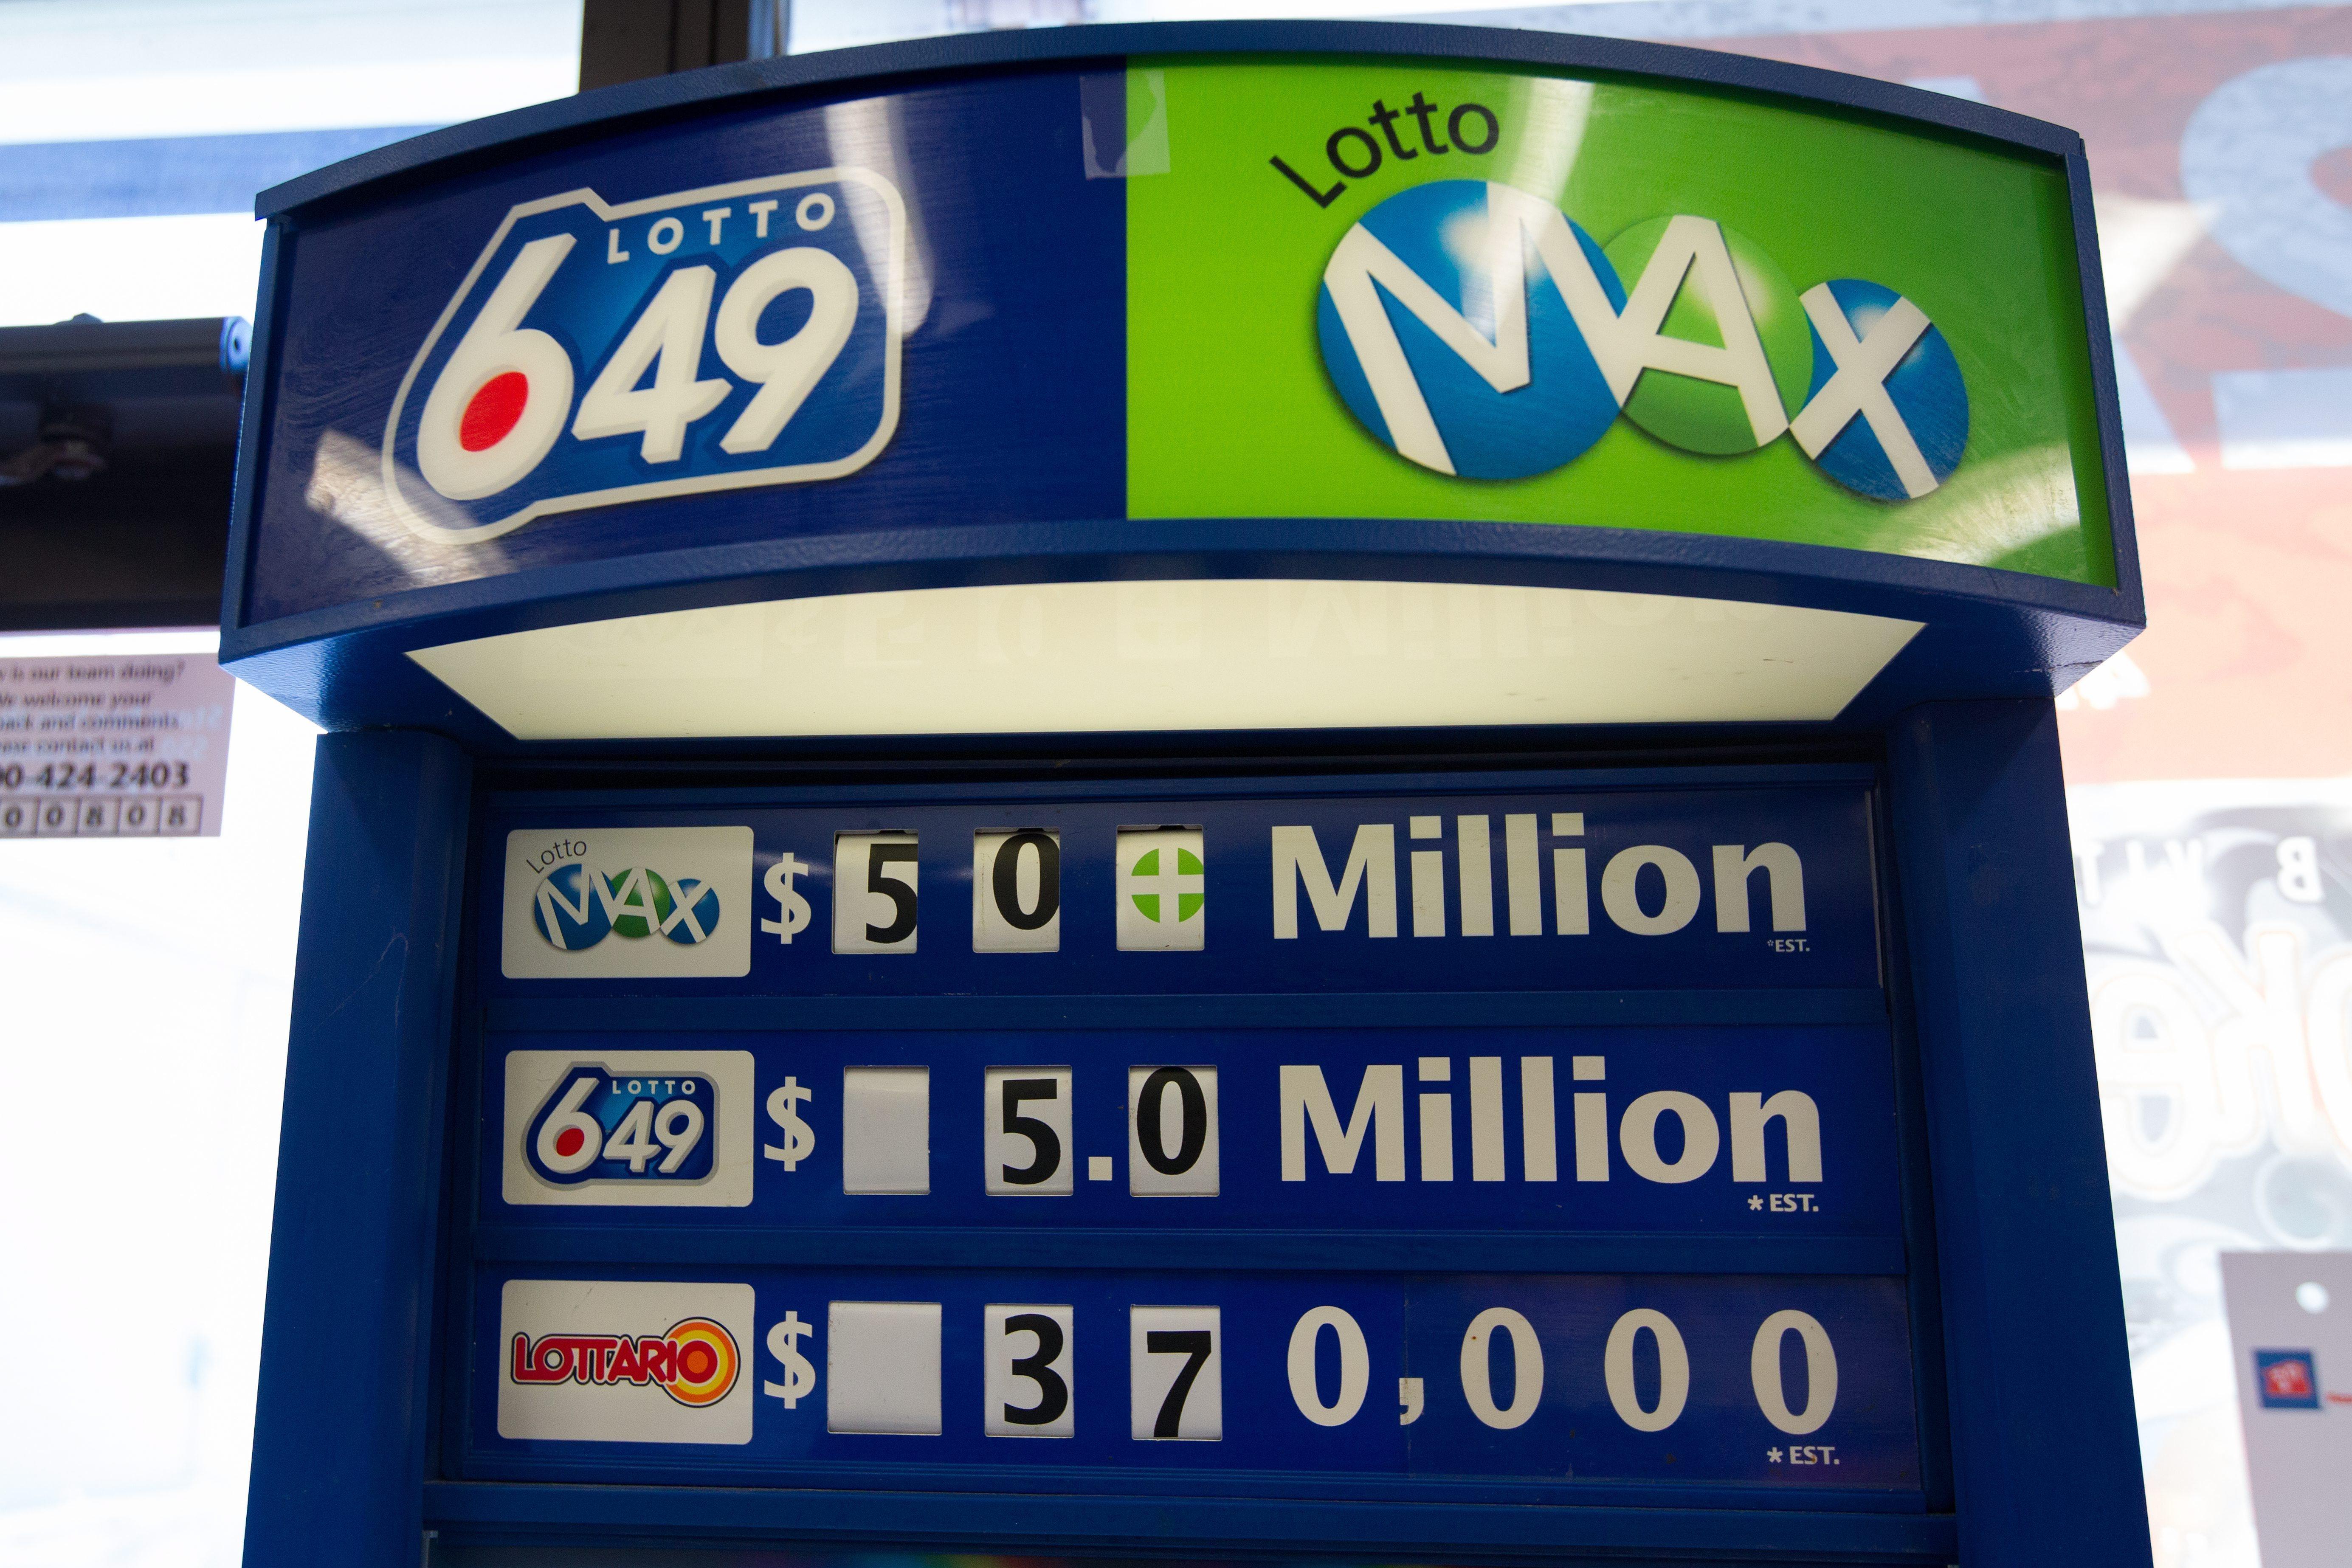 lotto max lotto 649